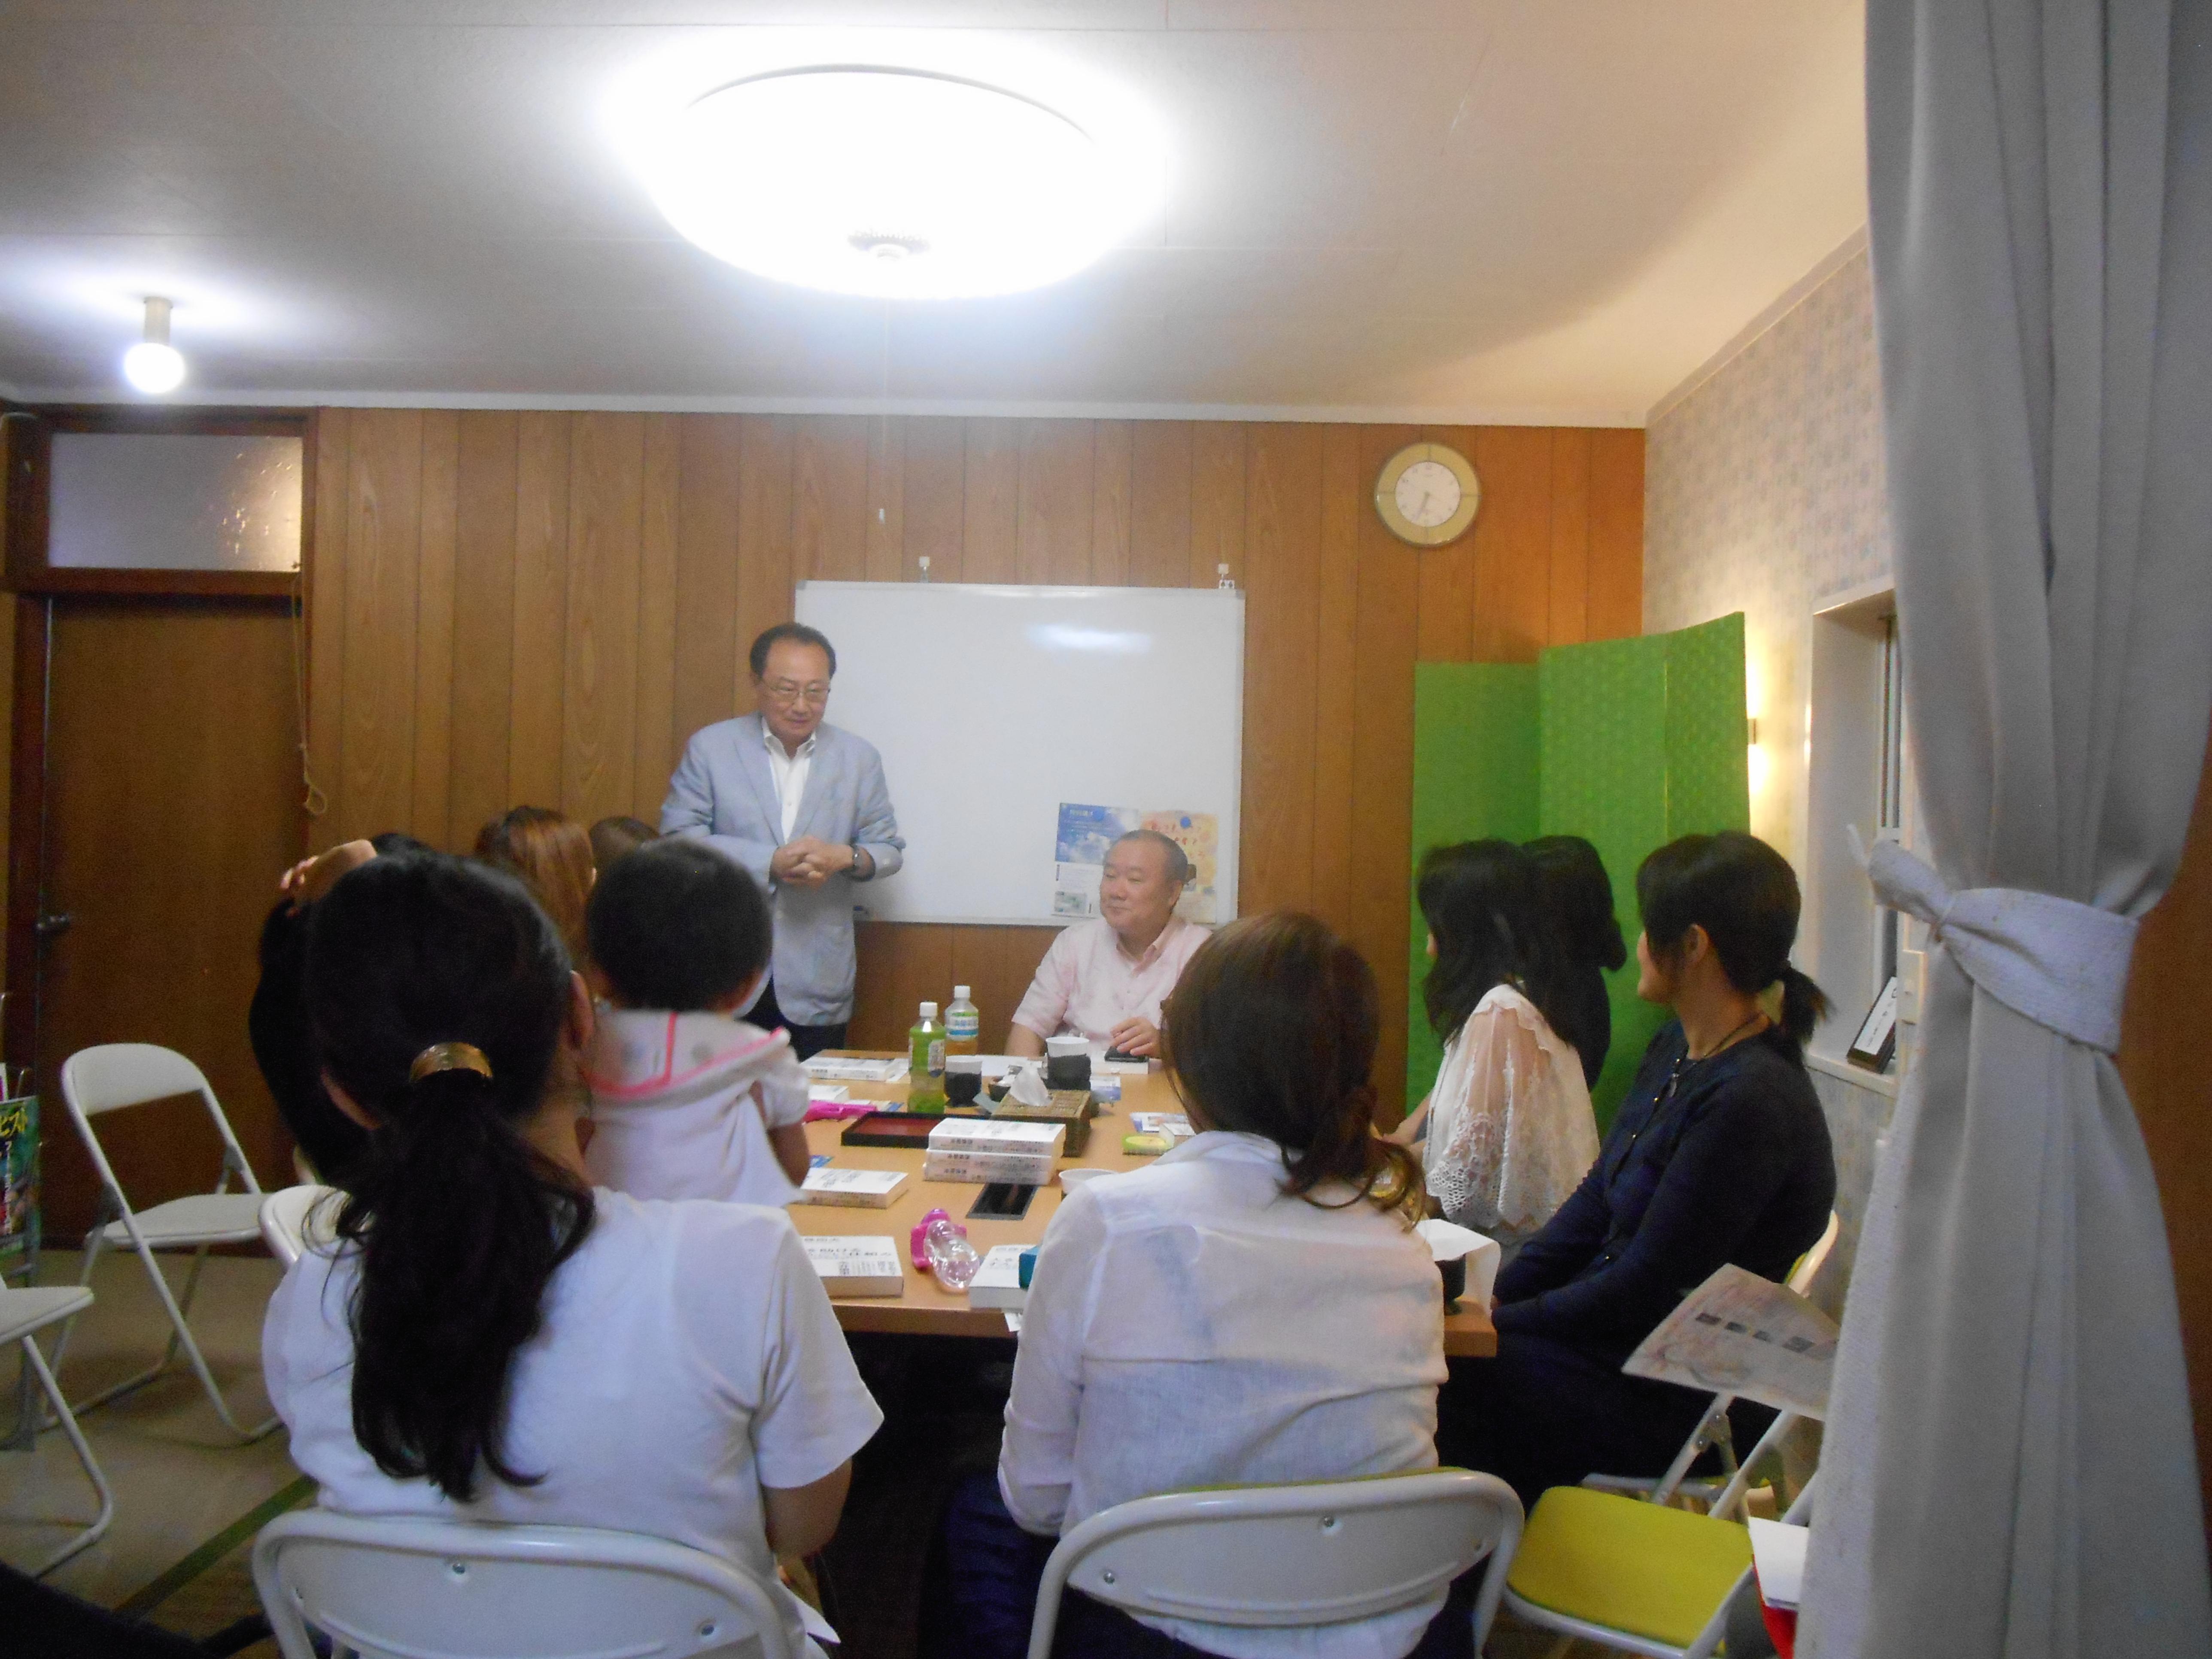 DSCN1638 - 愛の子育て塾14期第4講座